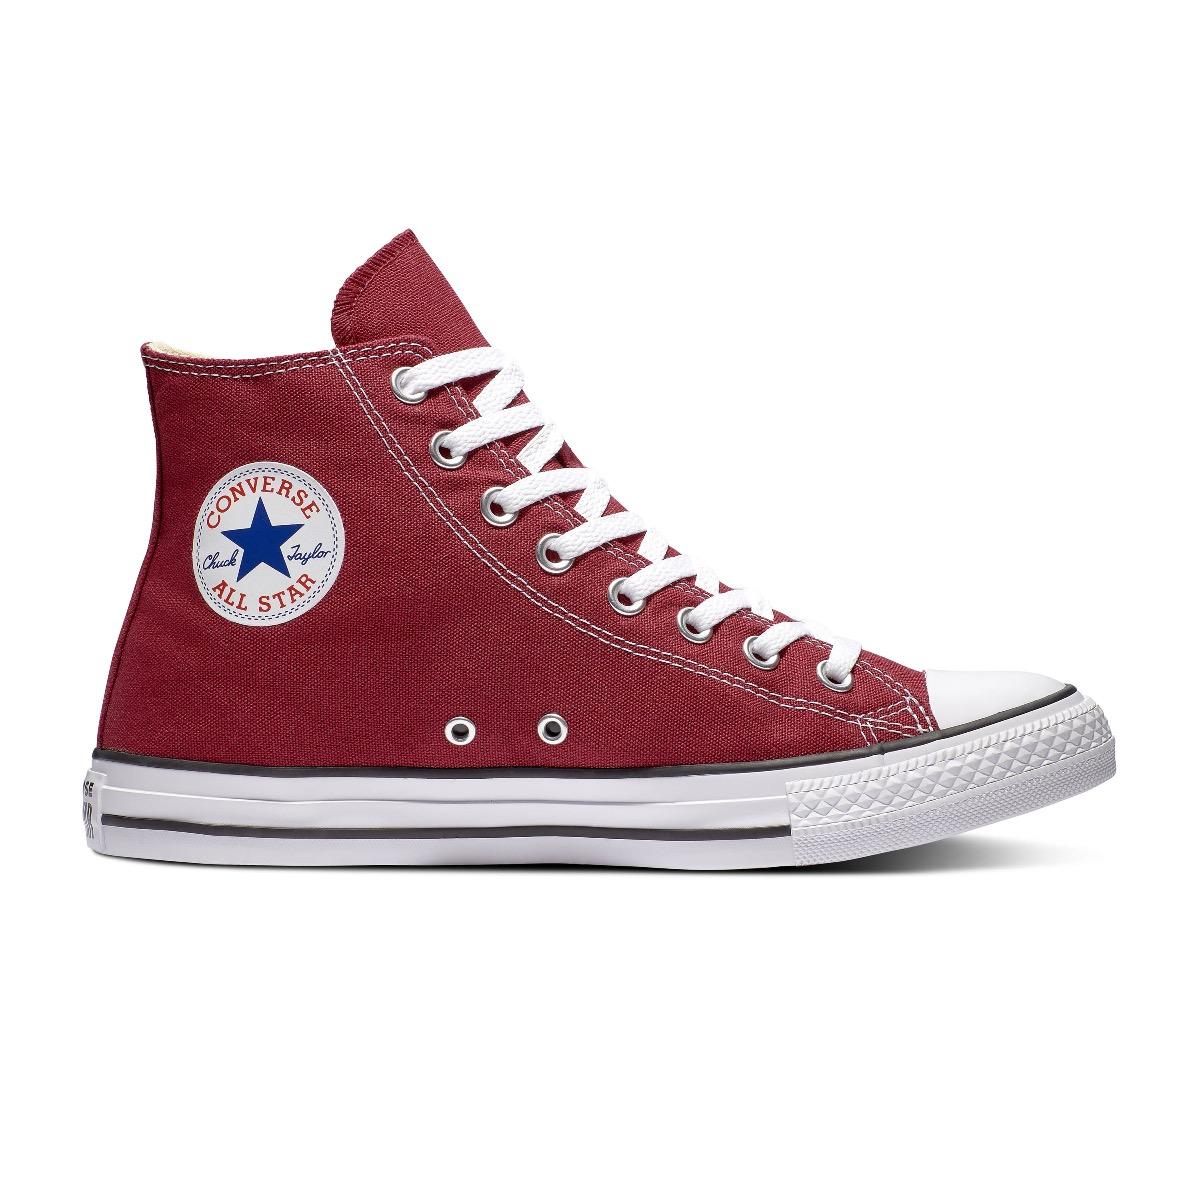 Converse All Stars Hoog Bordeaux Rood maat